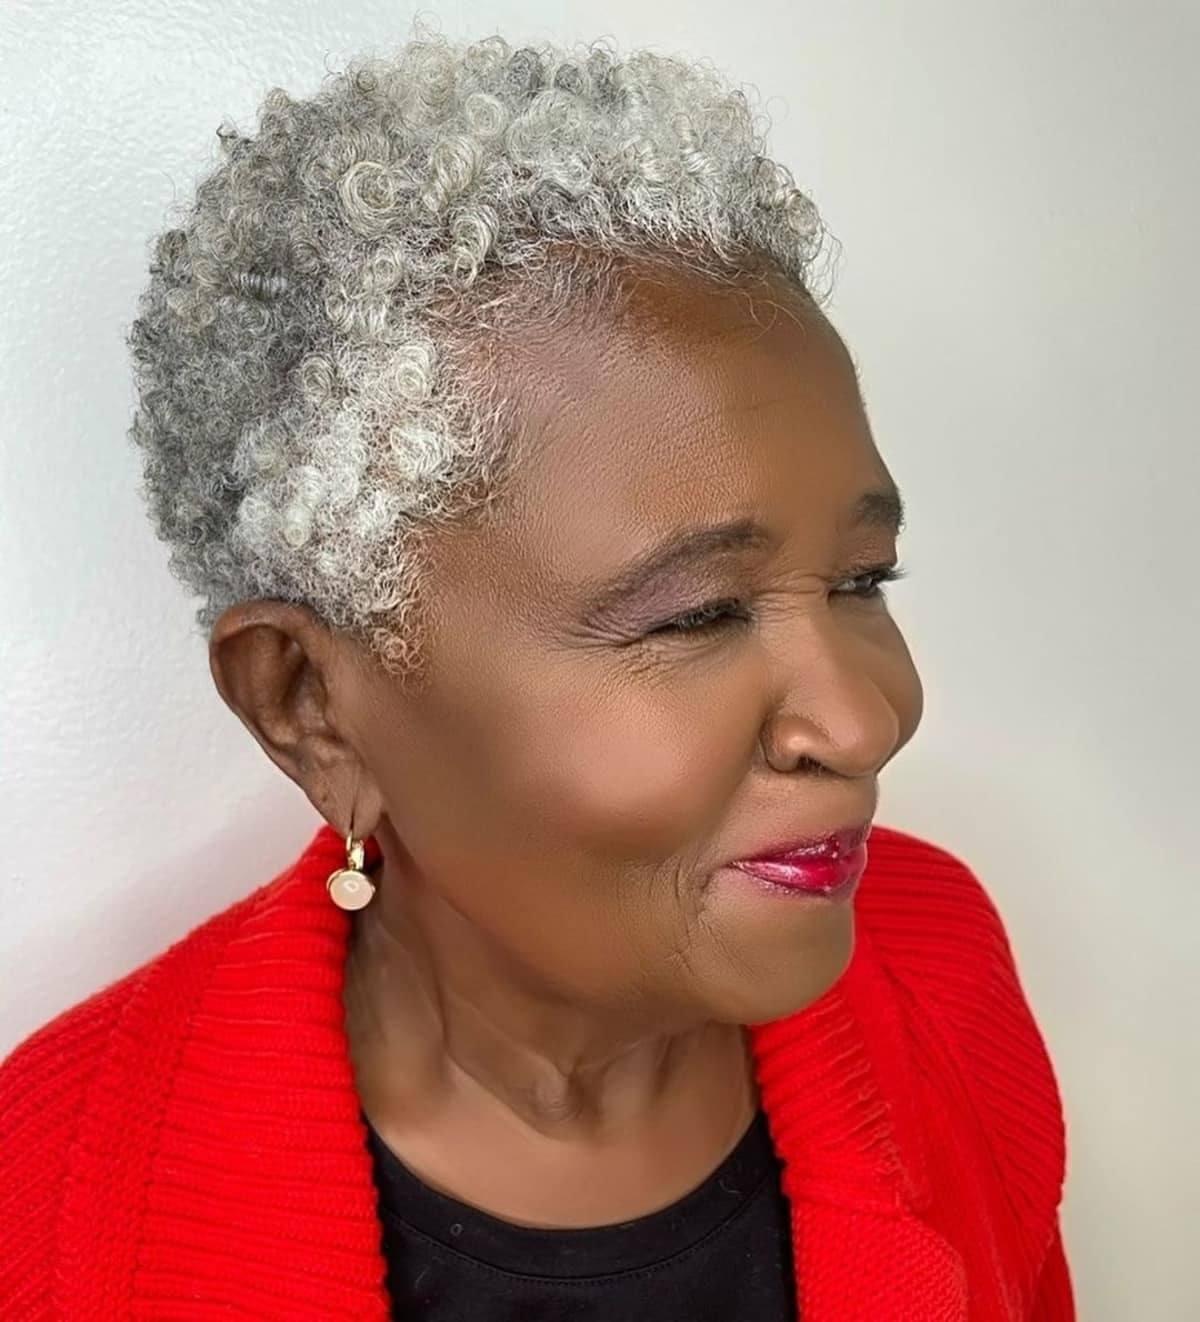 Peinado twa natural para mujeres negras mayores.